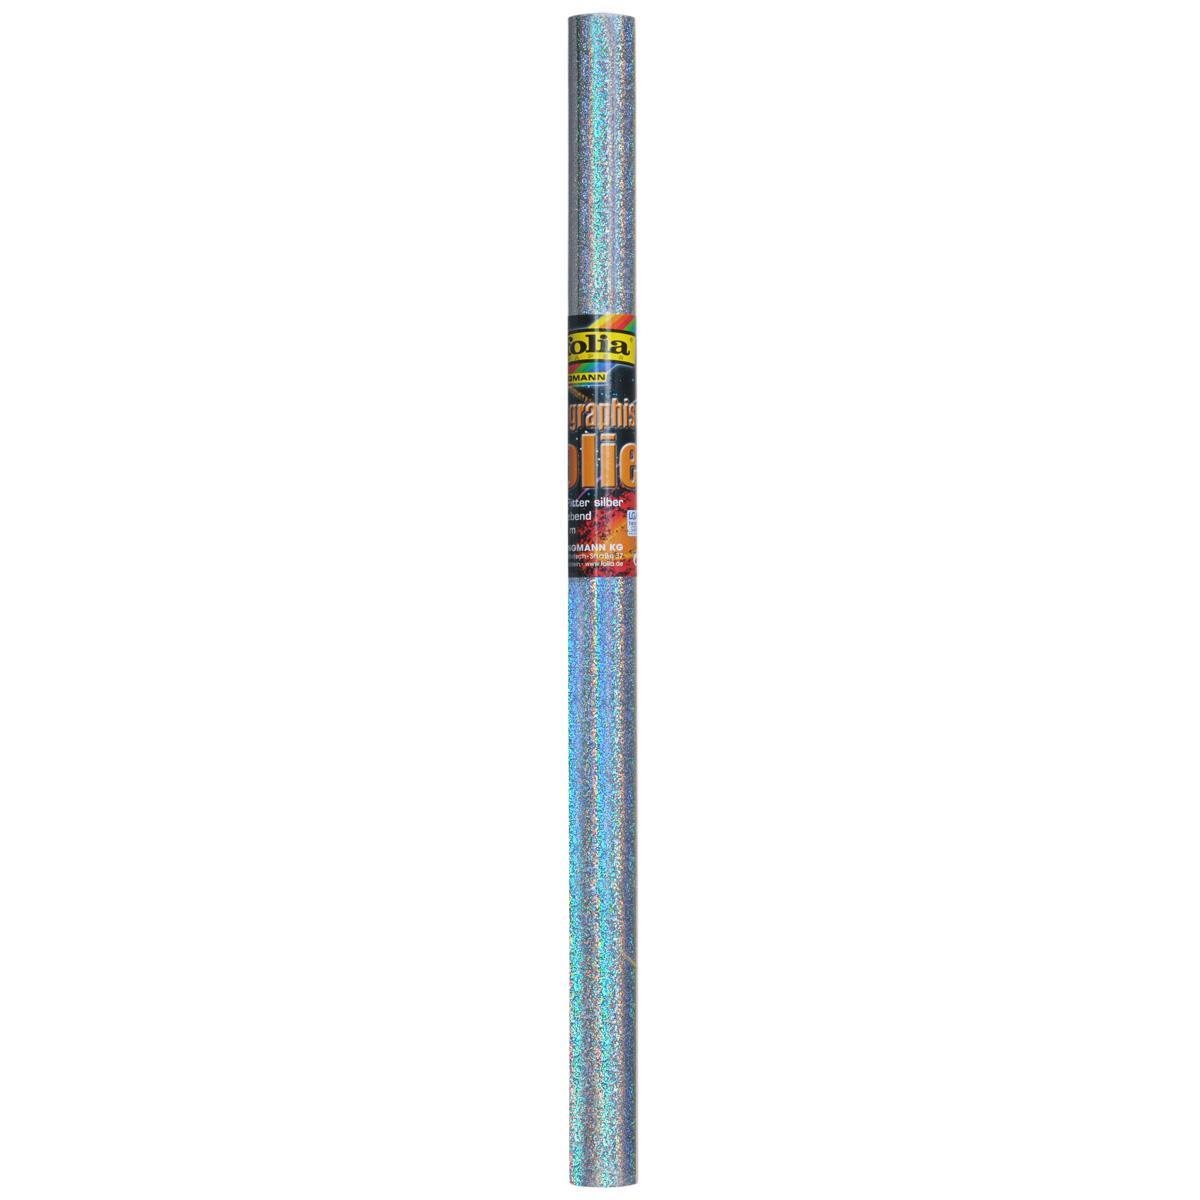 Голографическая бумага Folia Глиттер, самоклеящаяся, цвет: серебристый, 40 x 100 см